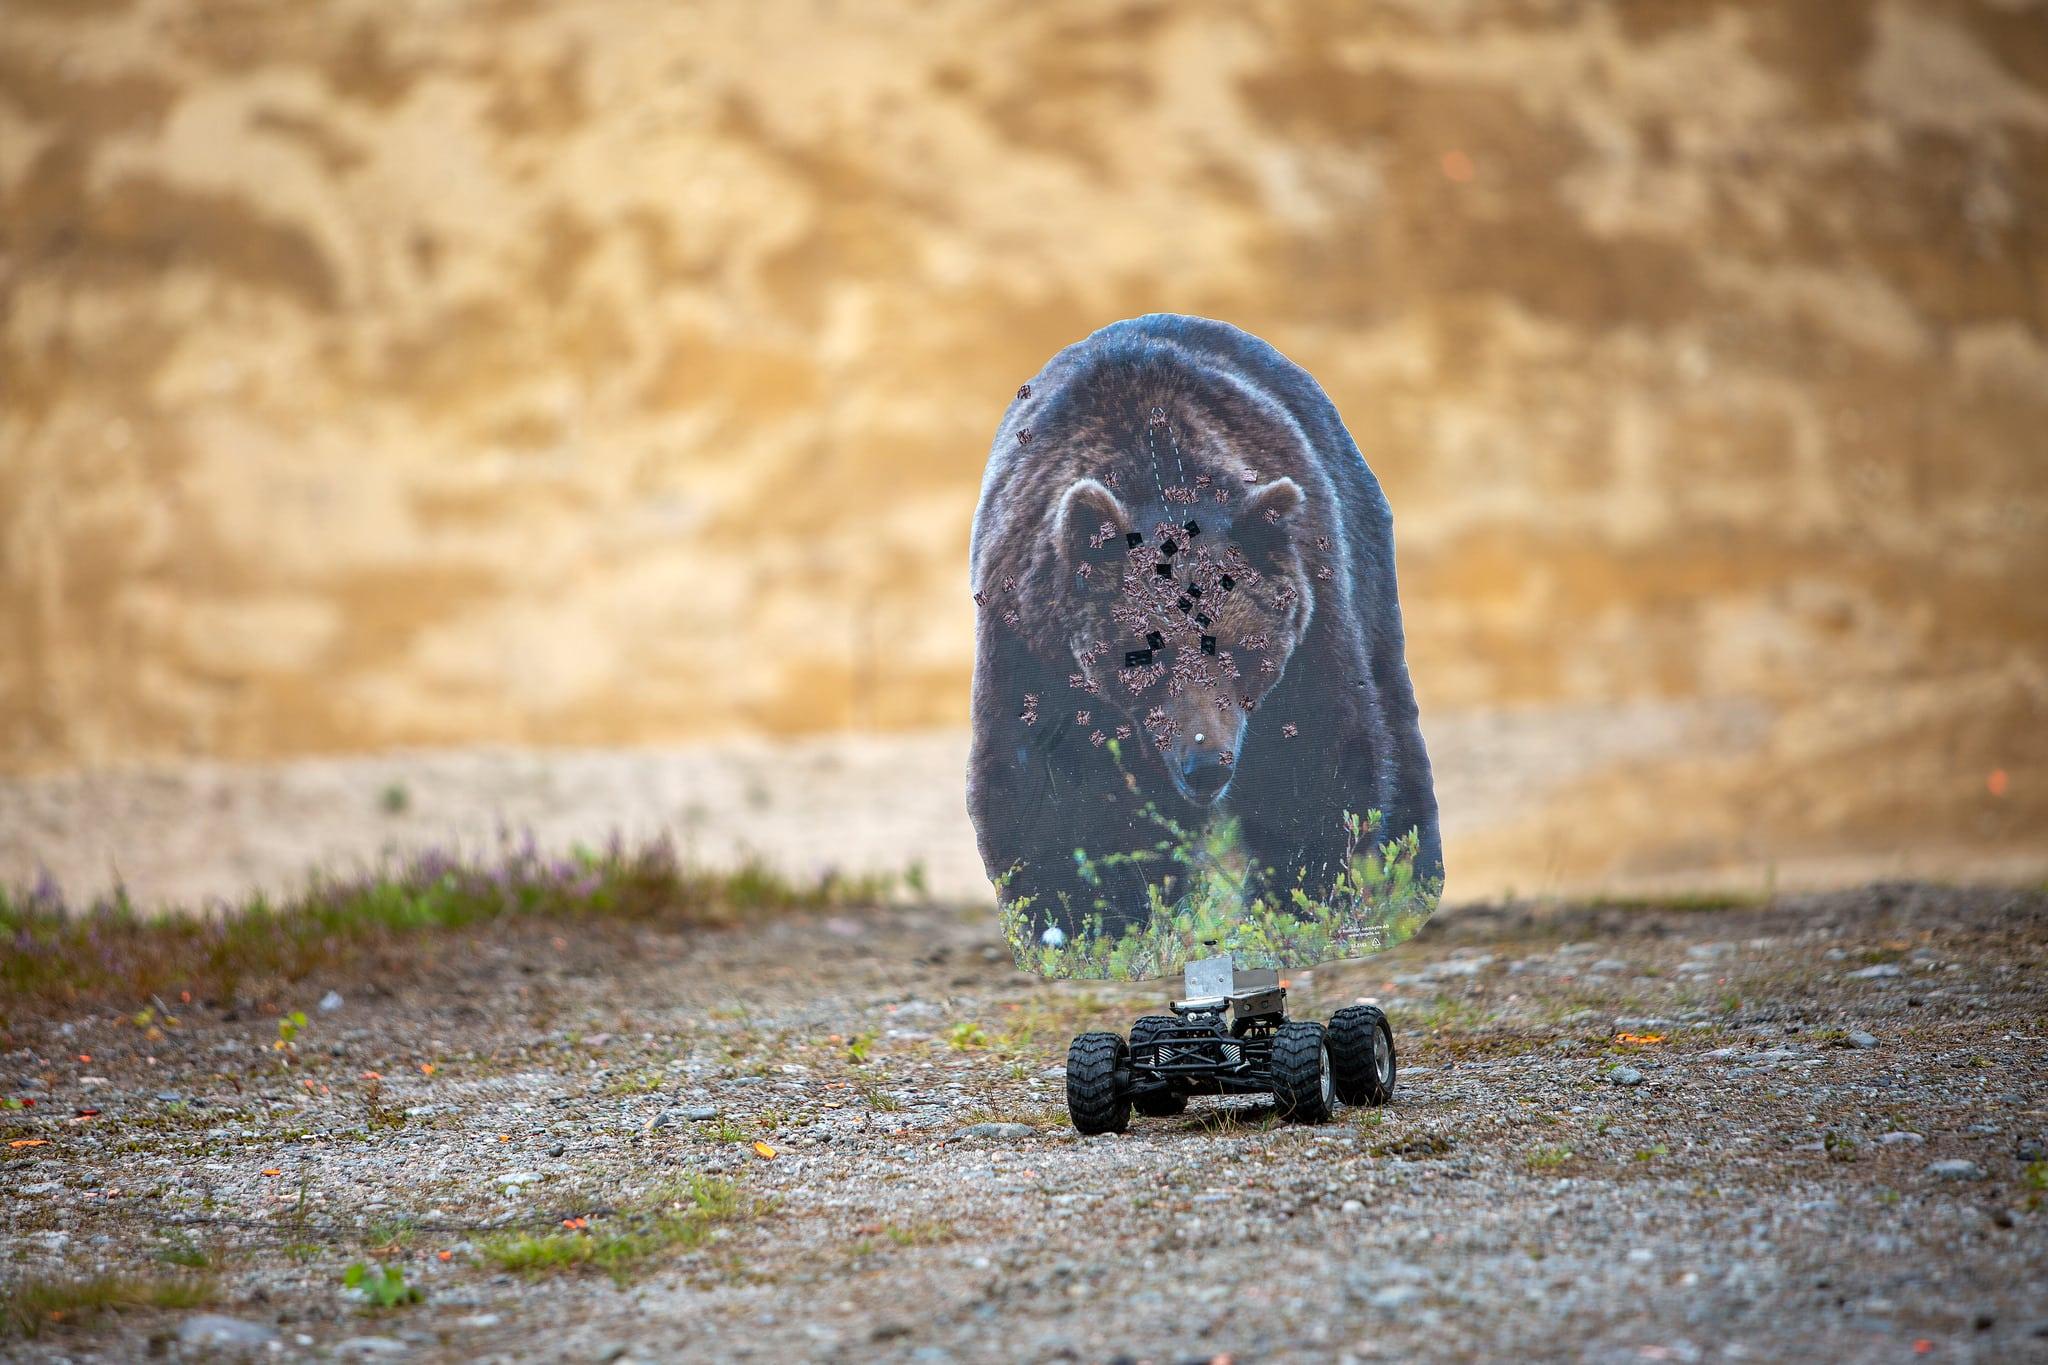 Realistiskt övningsskytte mot anfallande björn.